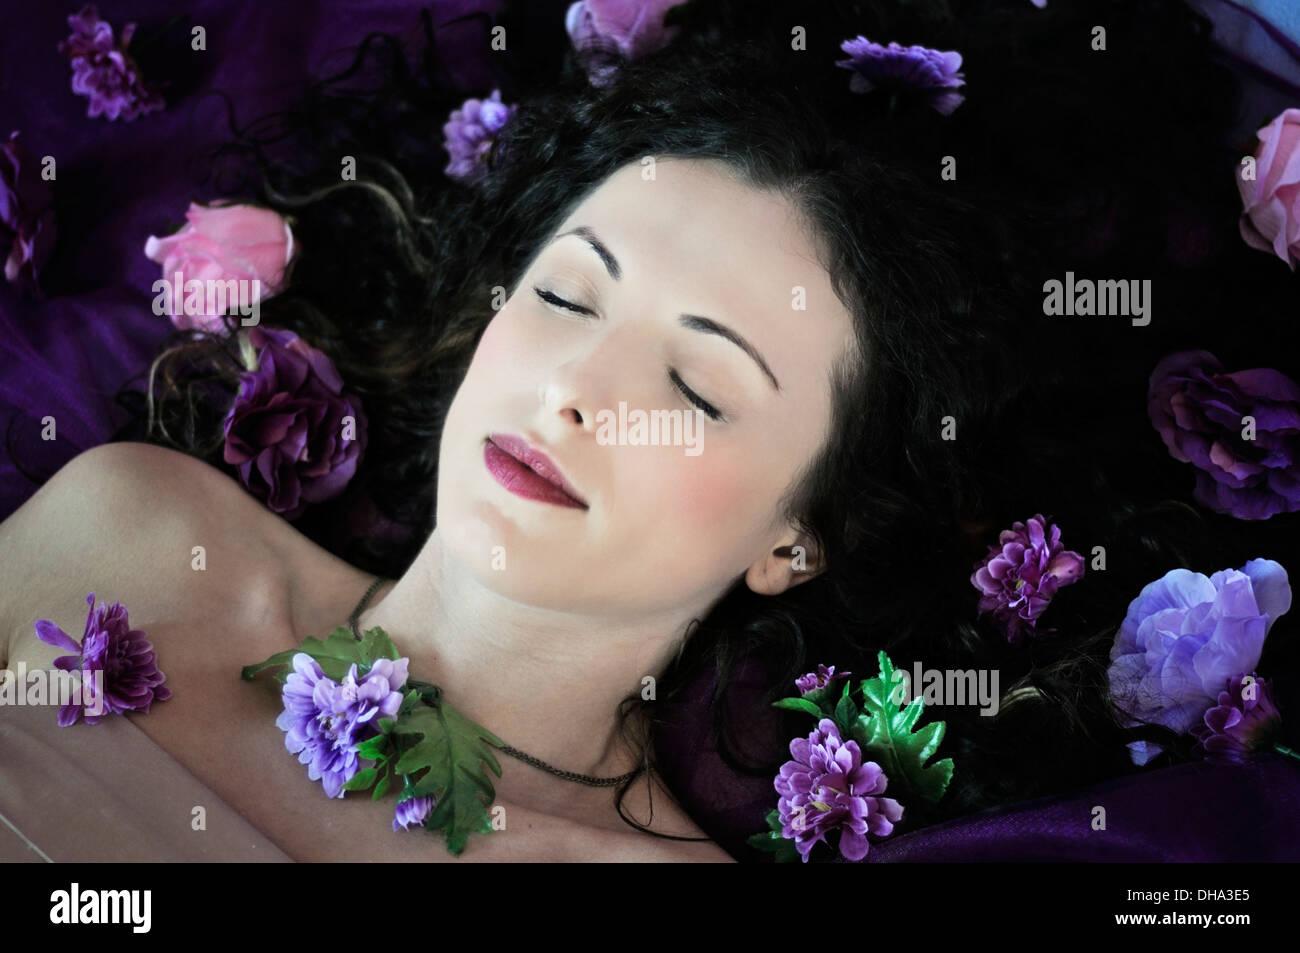 Belle au bois dormant Photo Stock